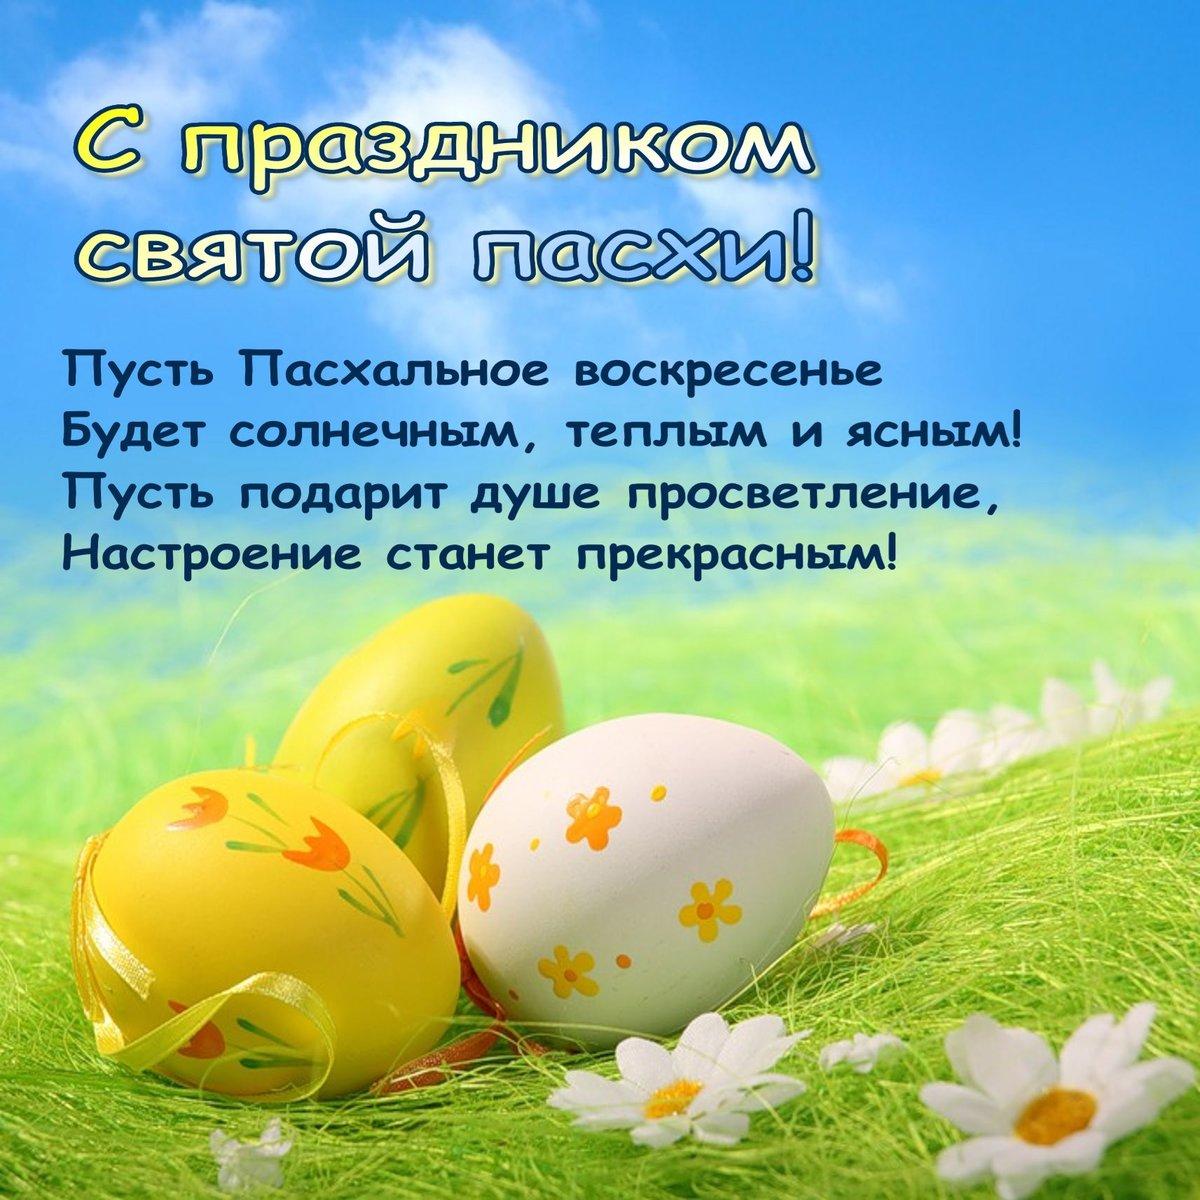 Поздравления с праздником святой пасхи открытки